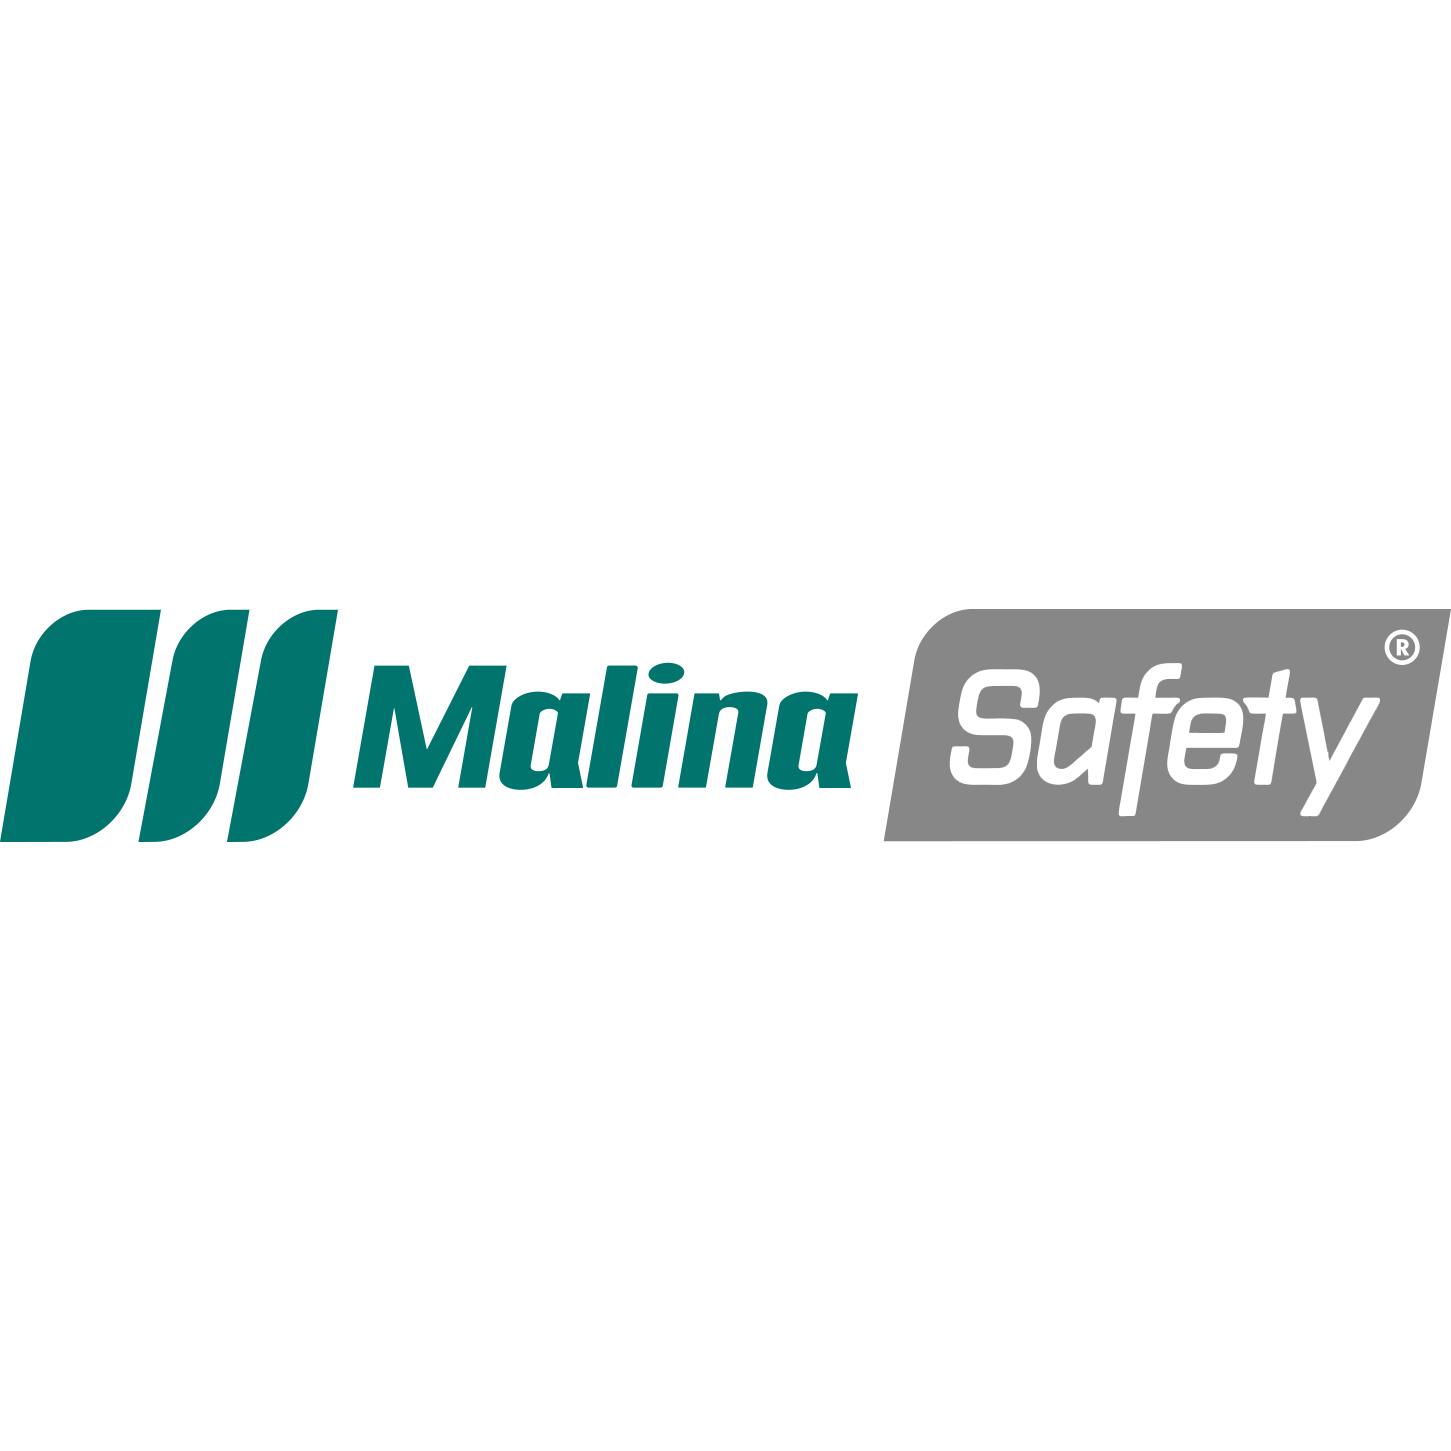 Malina Safety